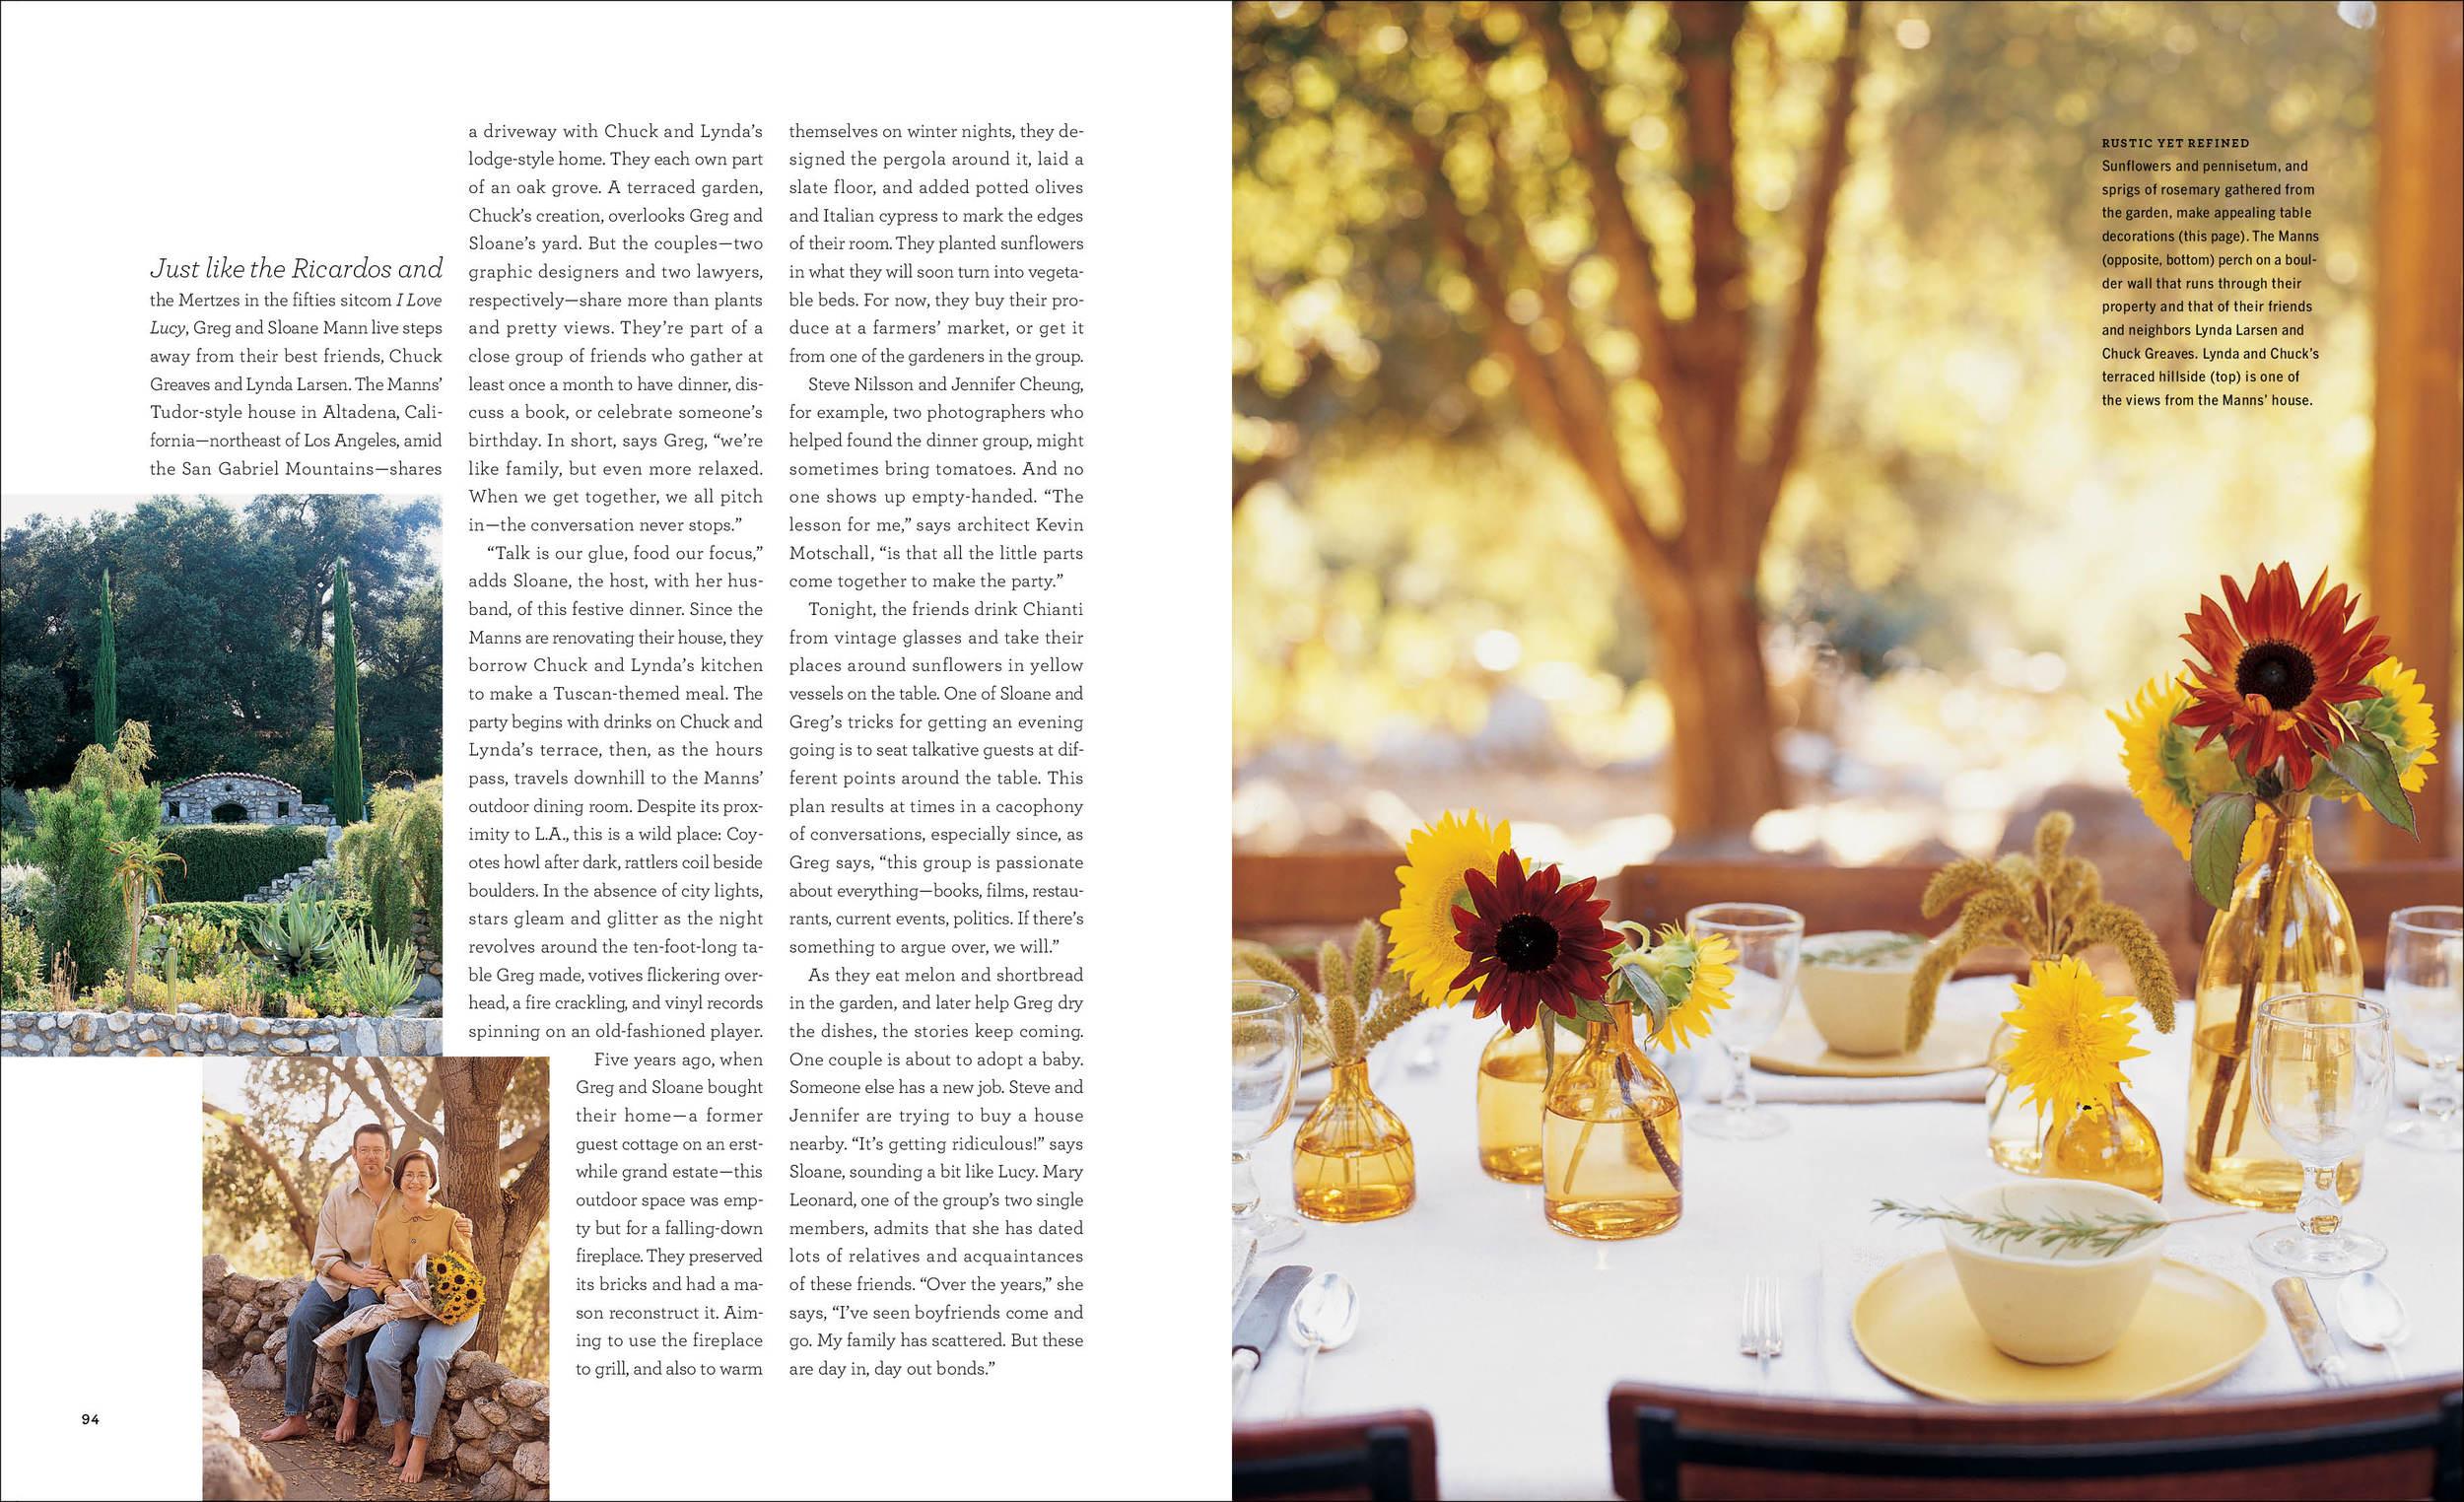 2004_03_TuscanDinner2 copy.jpg